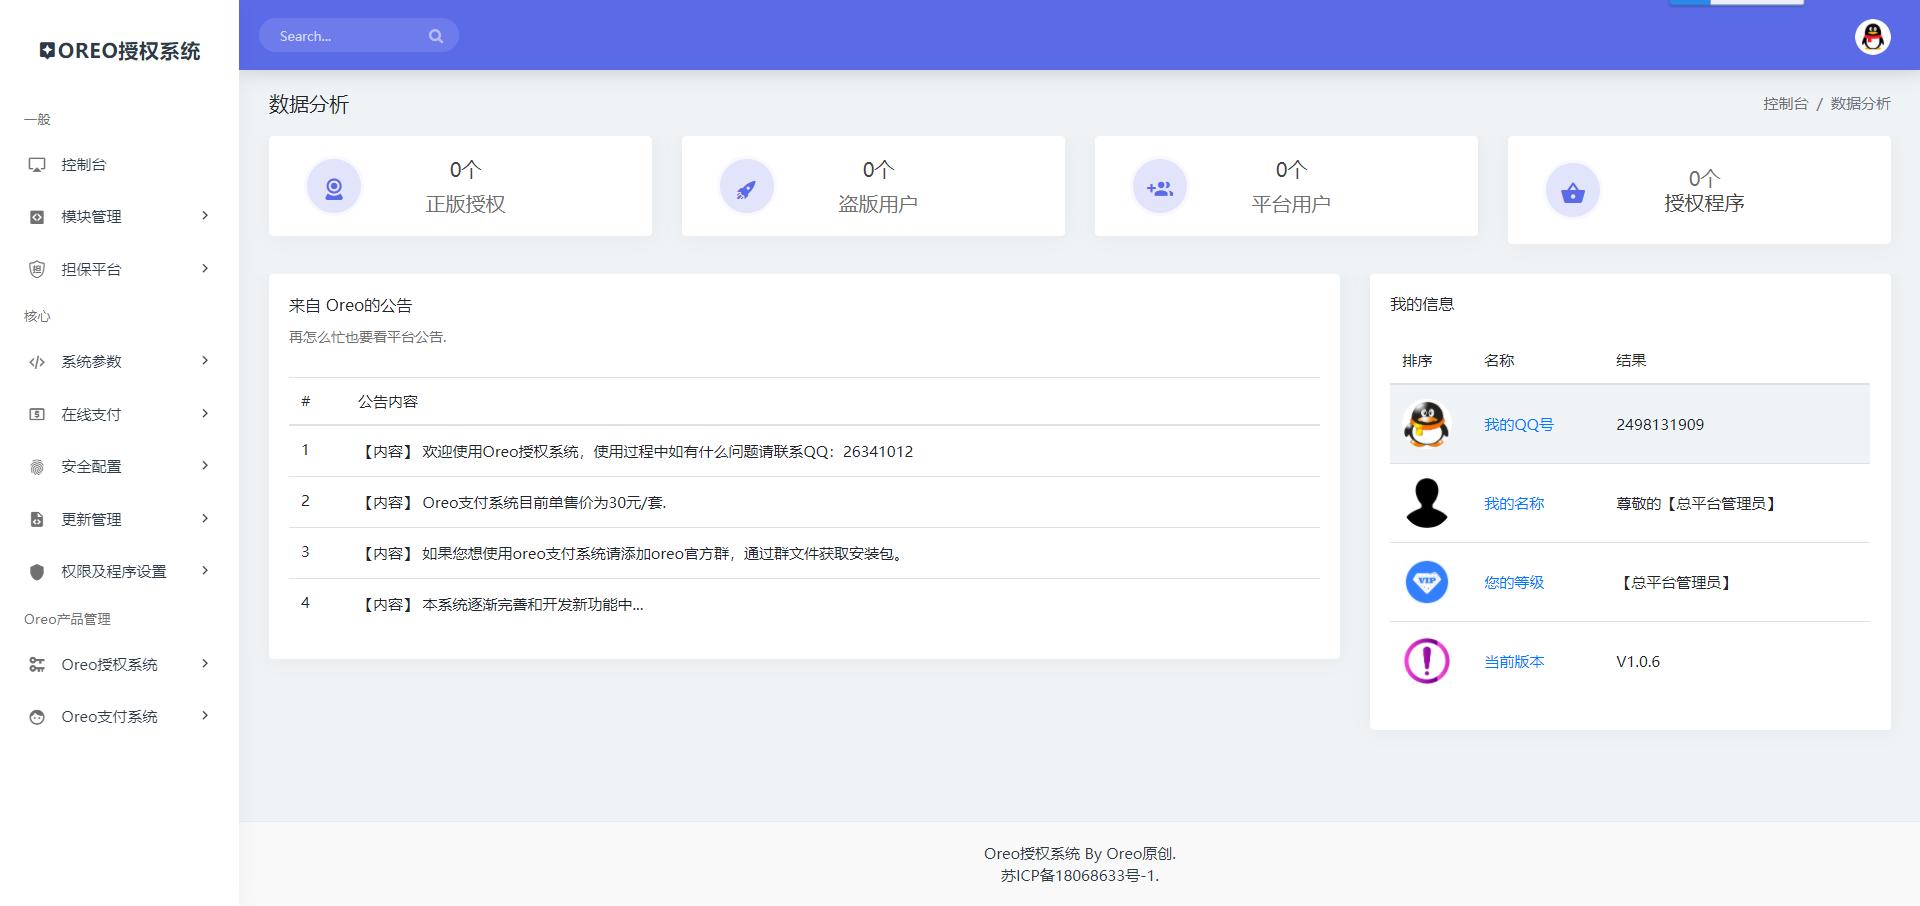 免费丨OREO授权系统网站源码 工单系统 盗版管理 在线授权 全开源版本源码下载